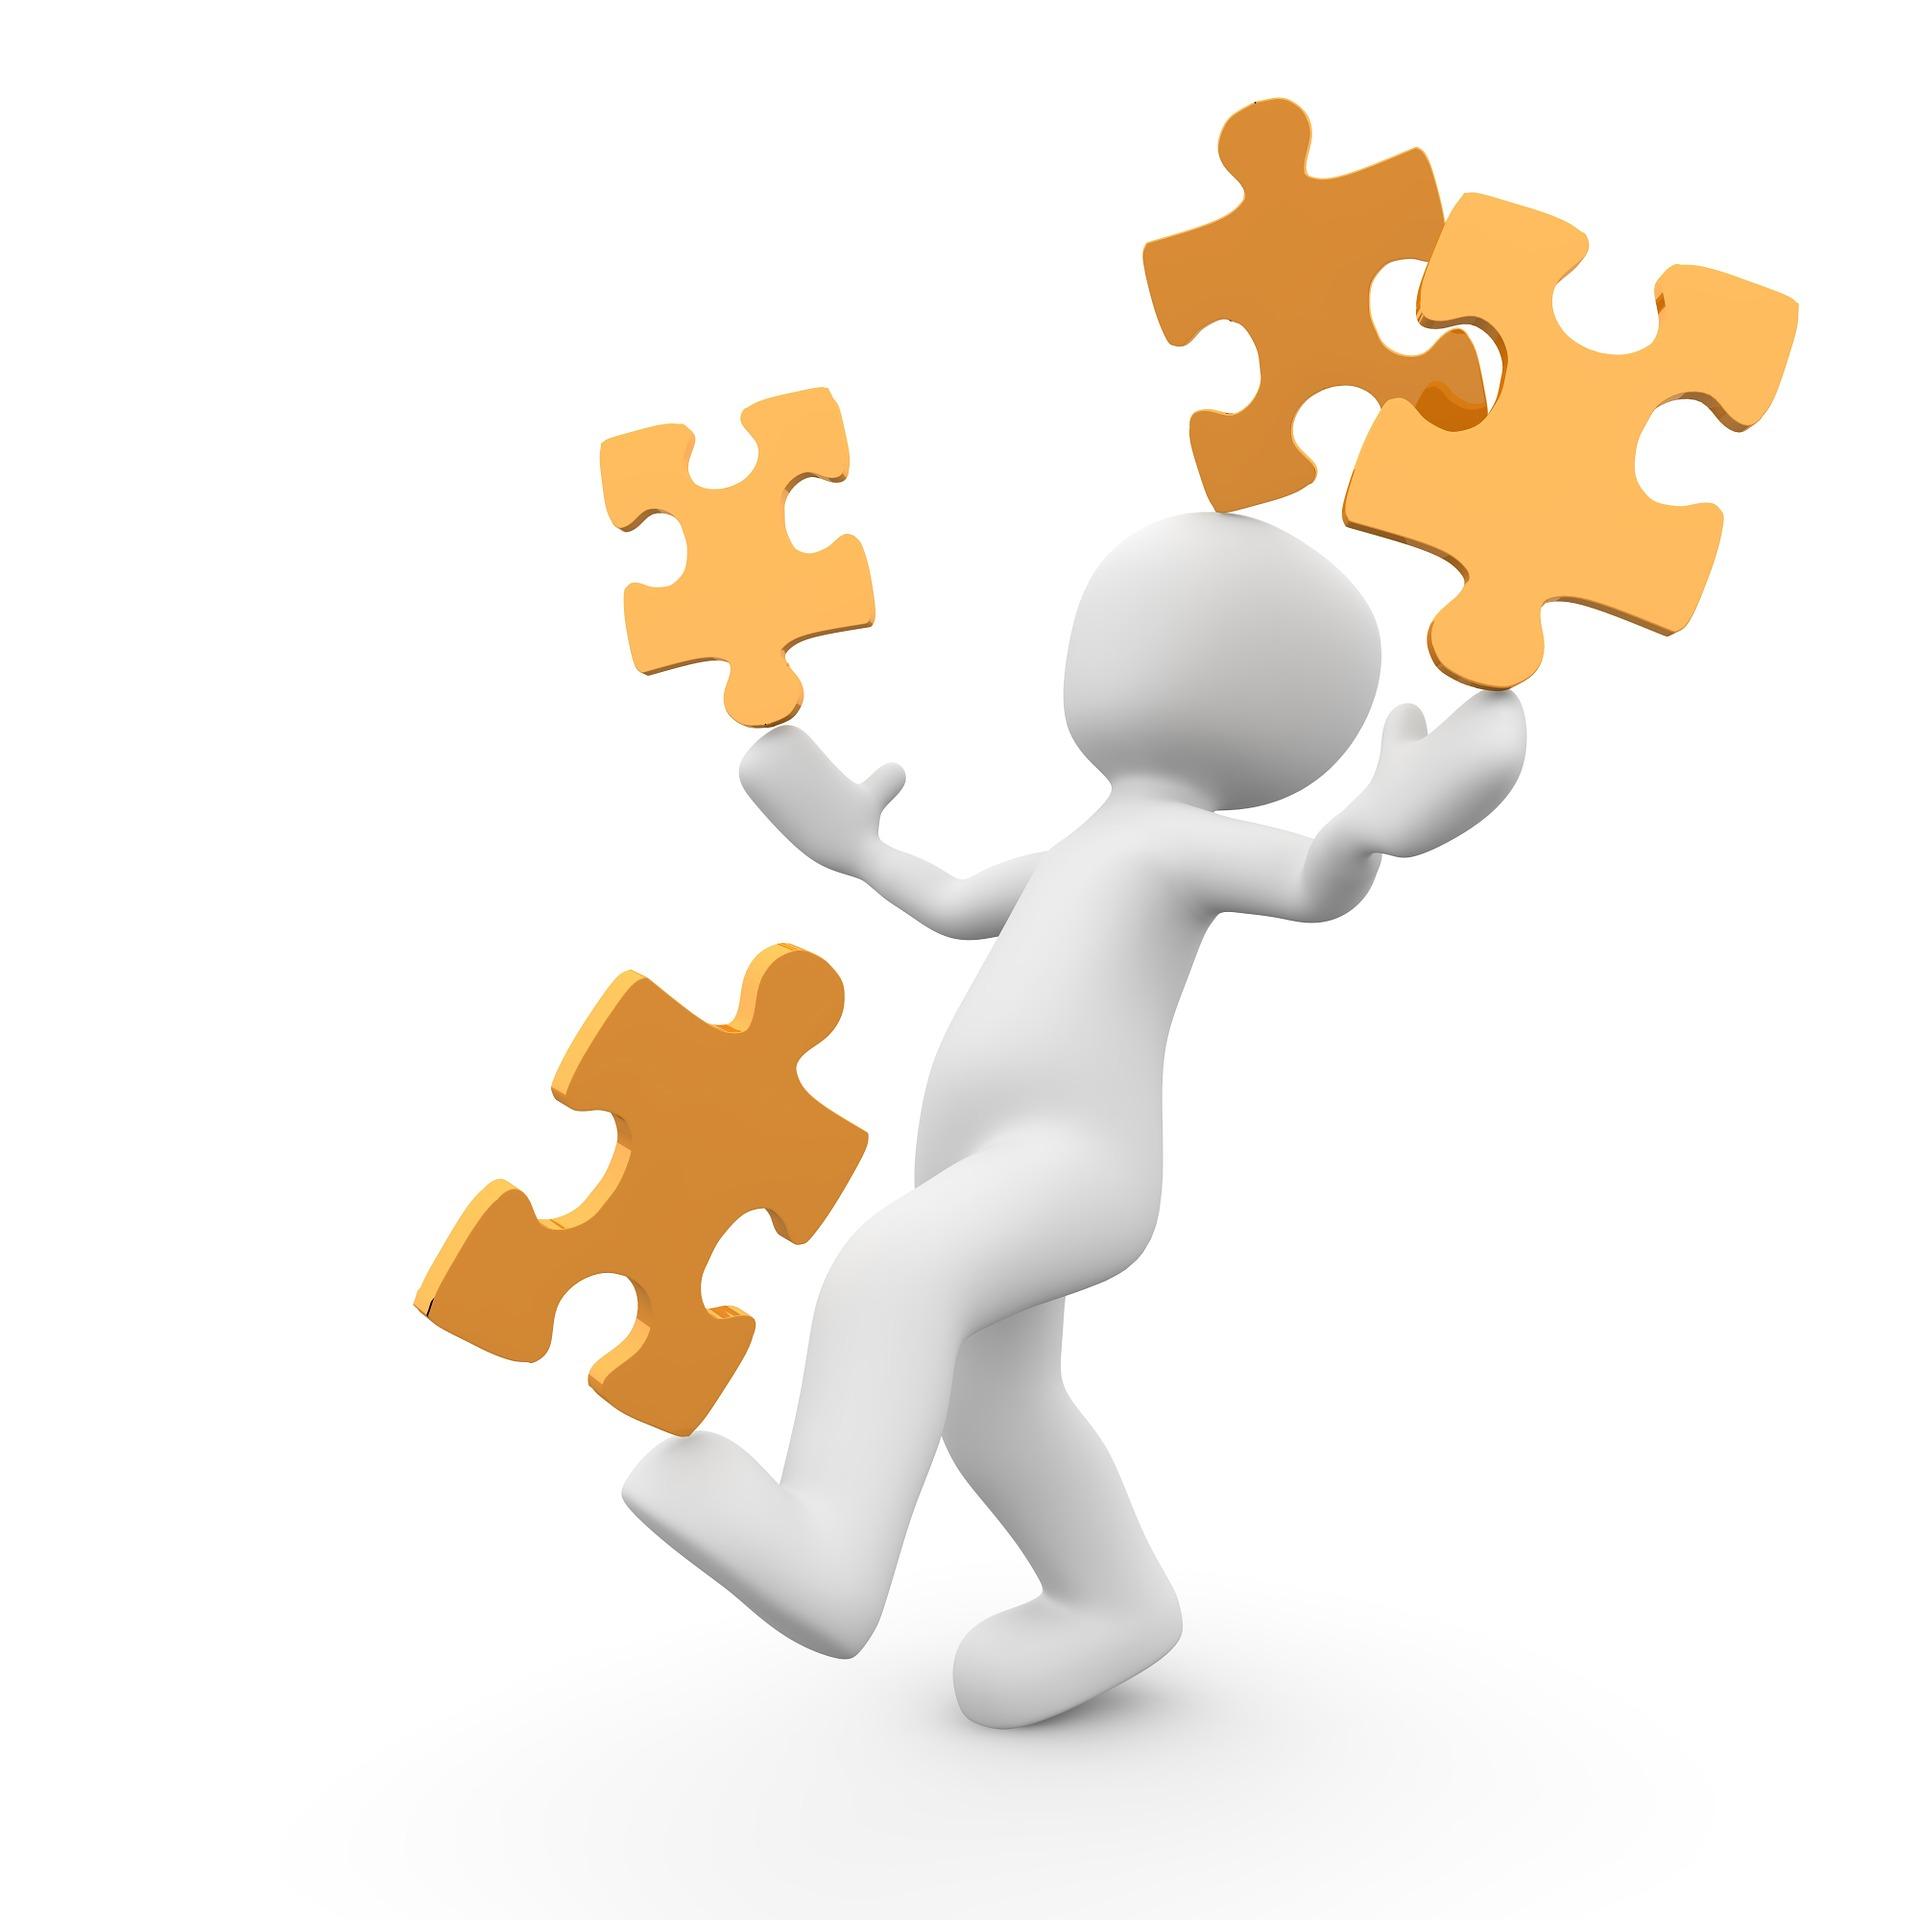 puzzle 1019766 1920